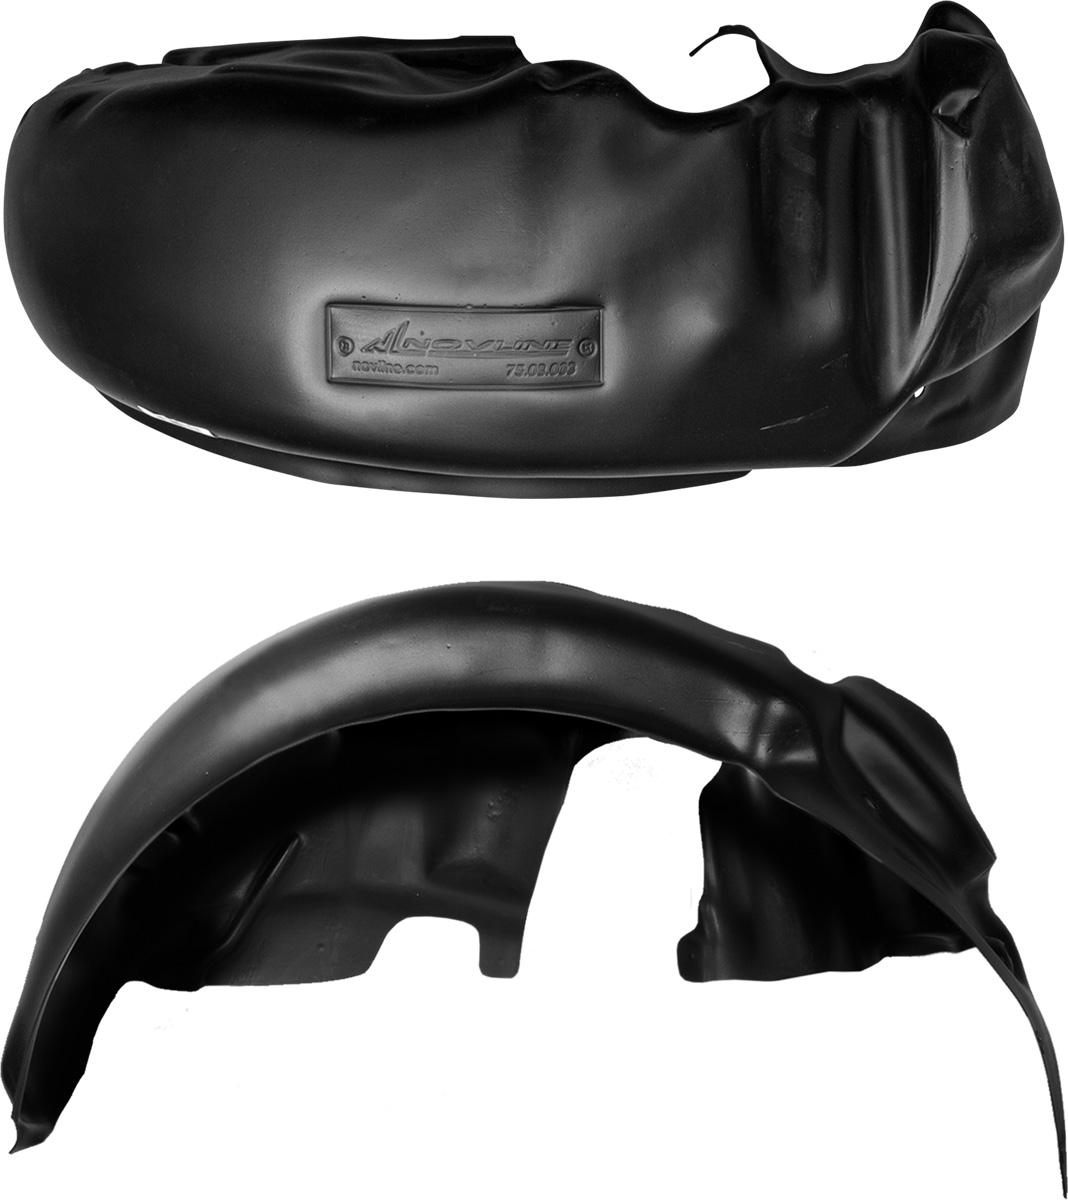 Подкрылок Novline-Autofamily, для Nissan X-Trail, 2011->, задний левый1004900000360Колесные ниши - одни из самых уязвимых зон днища вашего автомобиля. Они постоянно подвергаются воздействию со стороны дороги. Лучшая, почти абсолютная защита для них - специально отформованные пластиковые кожухи, которые называются подкрылками. Производятся они как для отечественных моделей автомобилей, так и для иномарок. Подкрылки Novline-Autofamily выполнены из высококачественного, экологически чистого пластика. Обеспечивают надежную защиту кузова автомобиля от пескоструйного эффекта и негативного влияния, агрессивных антигололедных реагентов. Пластик обладает более низкой теплопроводностью, чем металл, поэтому в зимний период эксплуатации использование пластиковых подкрылков позволяет лучше защитить колесные ниши от налипания снега и образования наледи. Оригинальность конструкции подчеркивает элегантность автомобиля, бережно защищает нанесенное на днище кузова антикоррозийное покрытие и позволяет осуществить крепление подкрылков внутри колесной арки практически без дополнительного крепежа и сверления, не нарушая при этом лакокрасочного покрытия, что предотвращает возникновение новых очагов коррозии. Подкрылки долговечны, обладают высокой прочностью и сохраняют заданную форму, а также все свои физико-механические характеристики в самых тяжелых климатических условиях (от -50°С до +50°С).Уважаемые клиенты!Обращаем ваше внимание, на тот факт, что подкрылок имеет форму, соответствующую модели данного автомобиля. Фото служит для визуального восприятия товара.